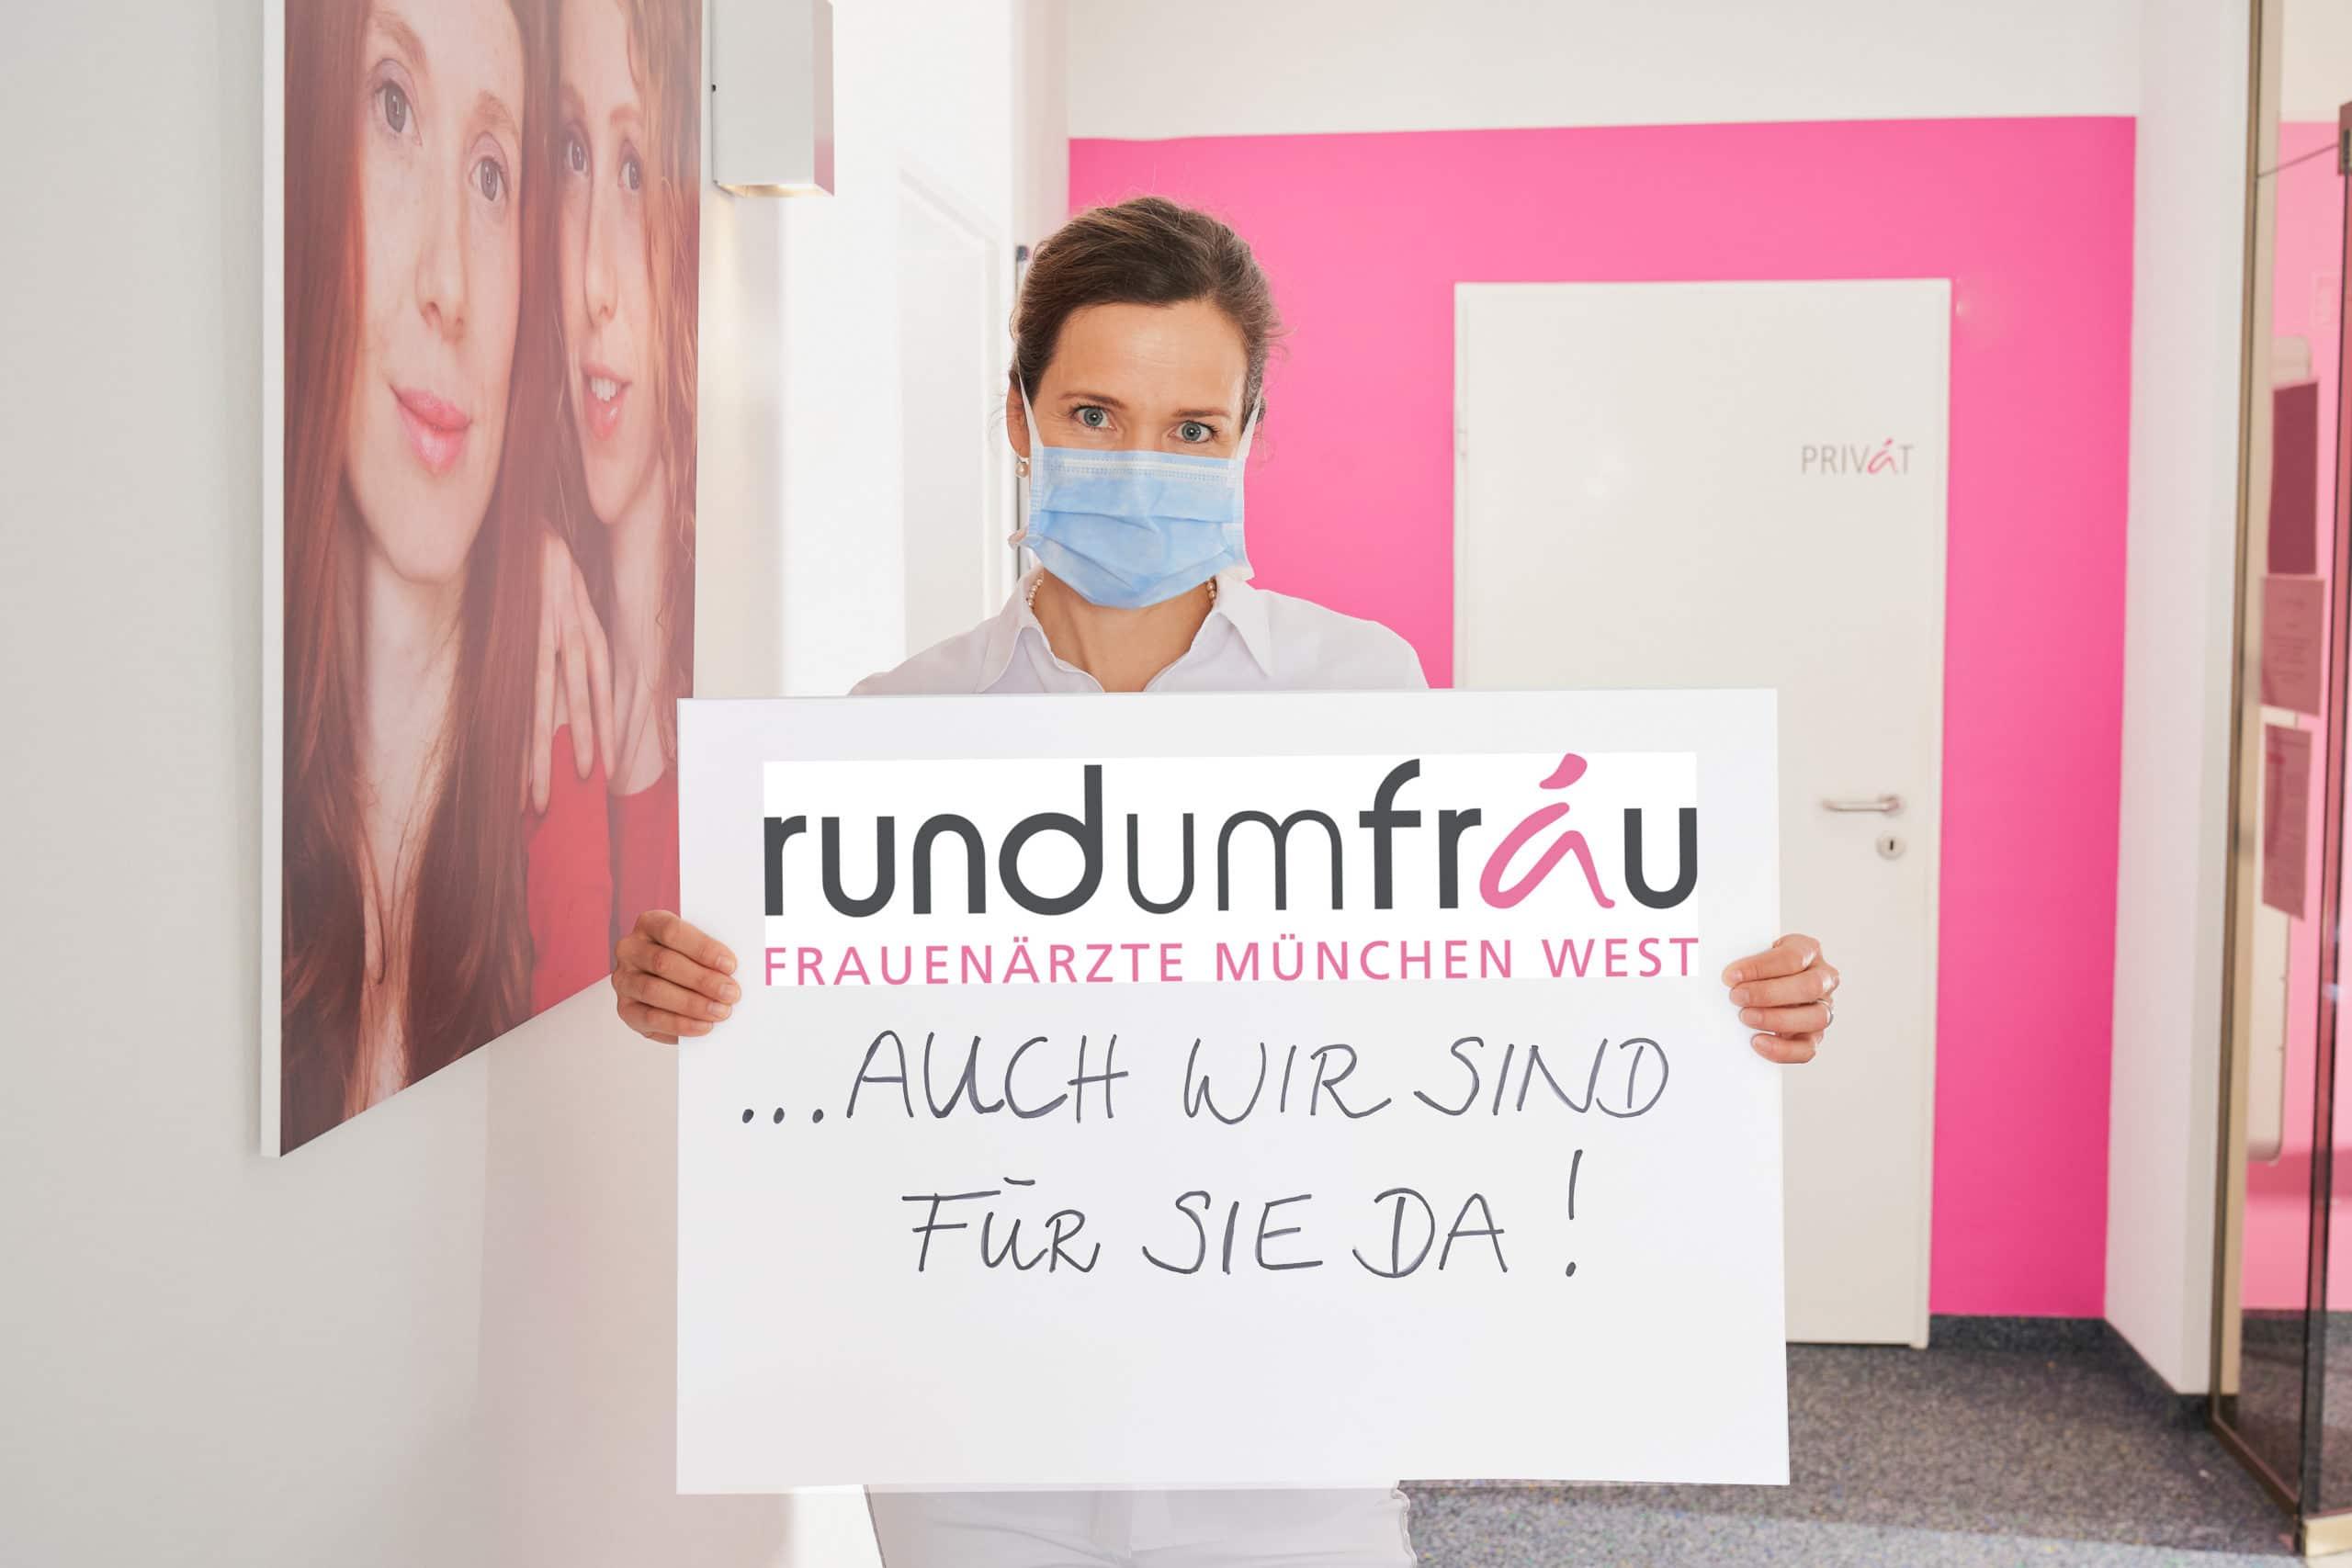 Frauenarzt in München, Mädchensprechstunde, Krebsvorsorge, Verhütung, Schwangerschaft, Kinderwunsch